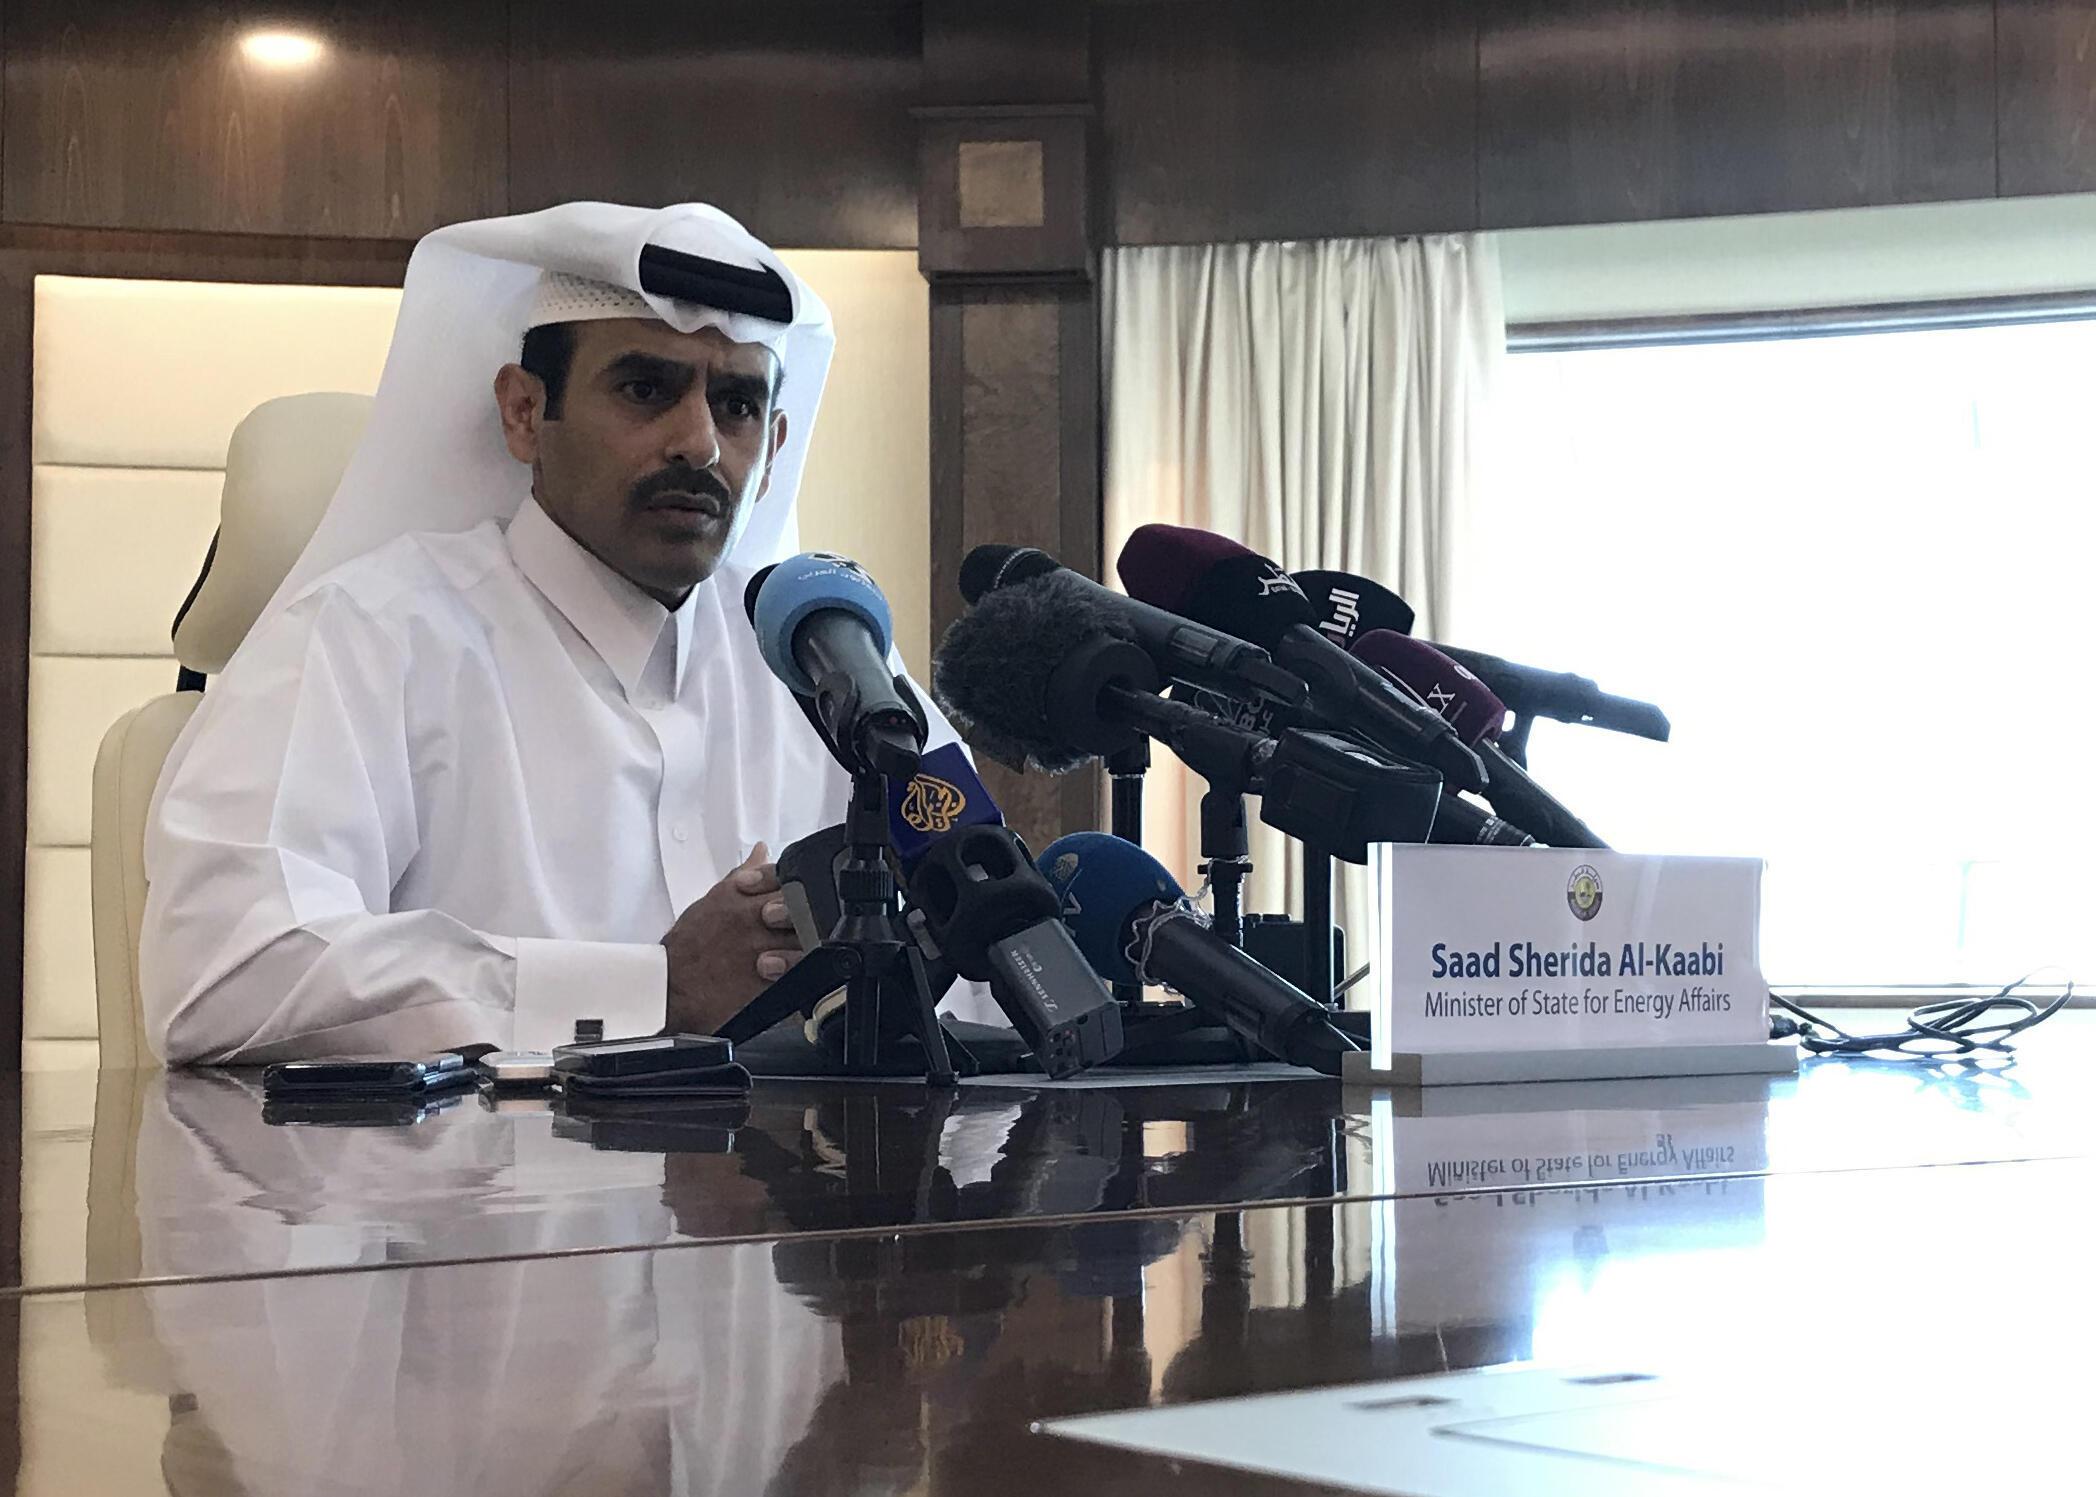 Le ministre d'Etat des Affaires énergétiques du Qatar, Saad Sherida Al-Kaabi, durant une conférence de presse à Doha alors que le Qatar annonce sa sortie de l'Opep, le 3 décembre 2018.